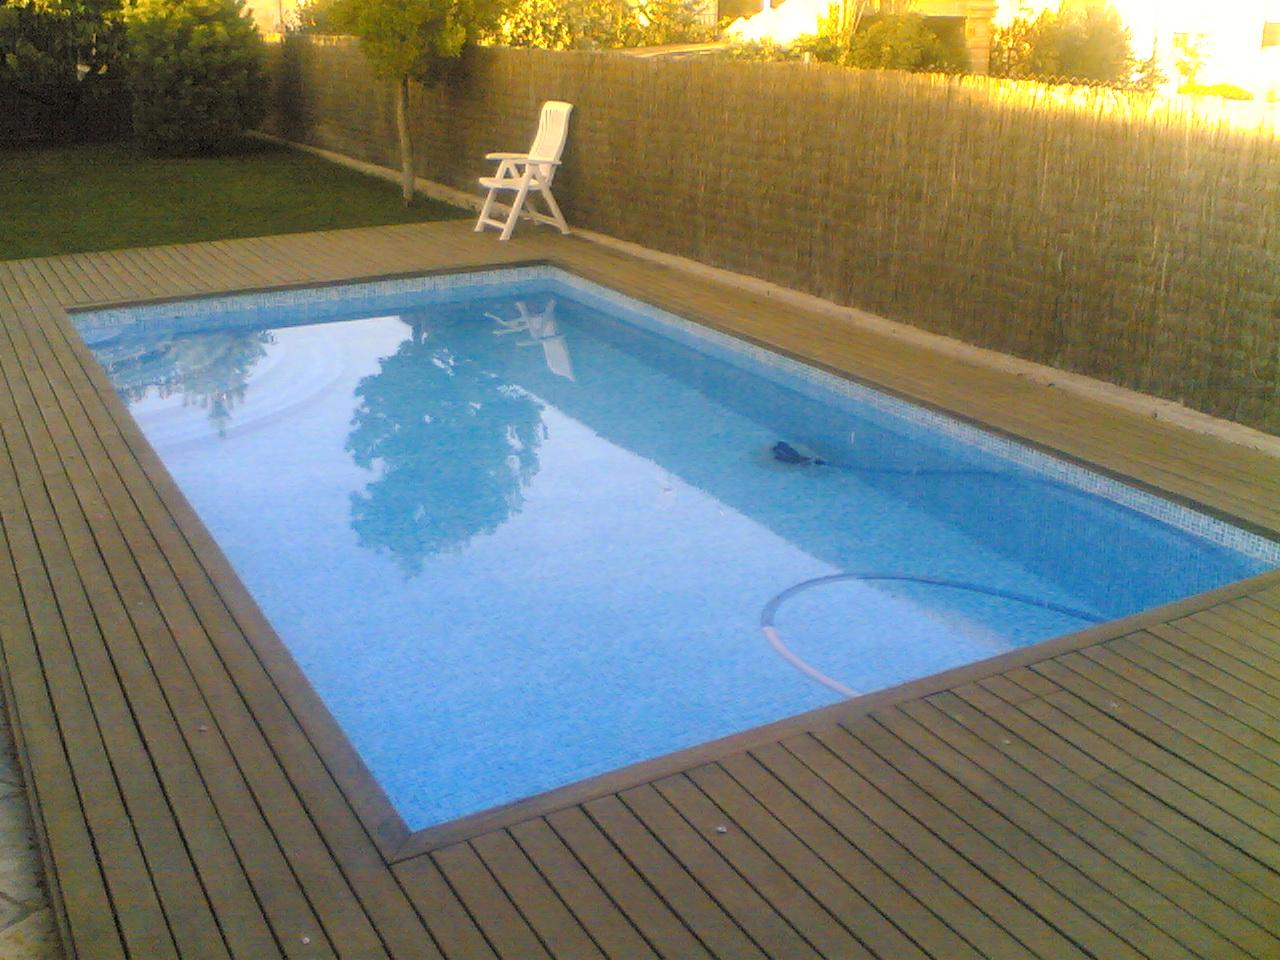 Piscinas de poliester codetrac s l expertos en piscinas for Alberca 8 de julio